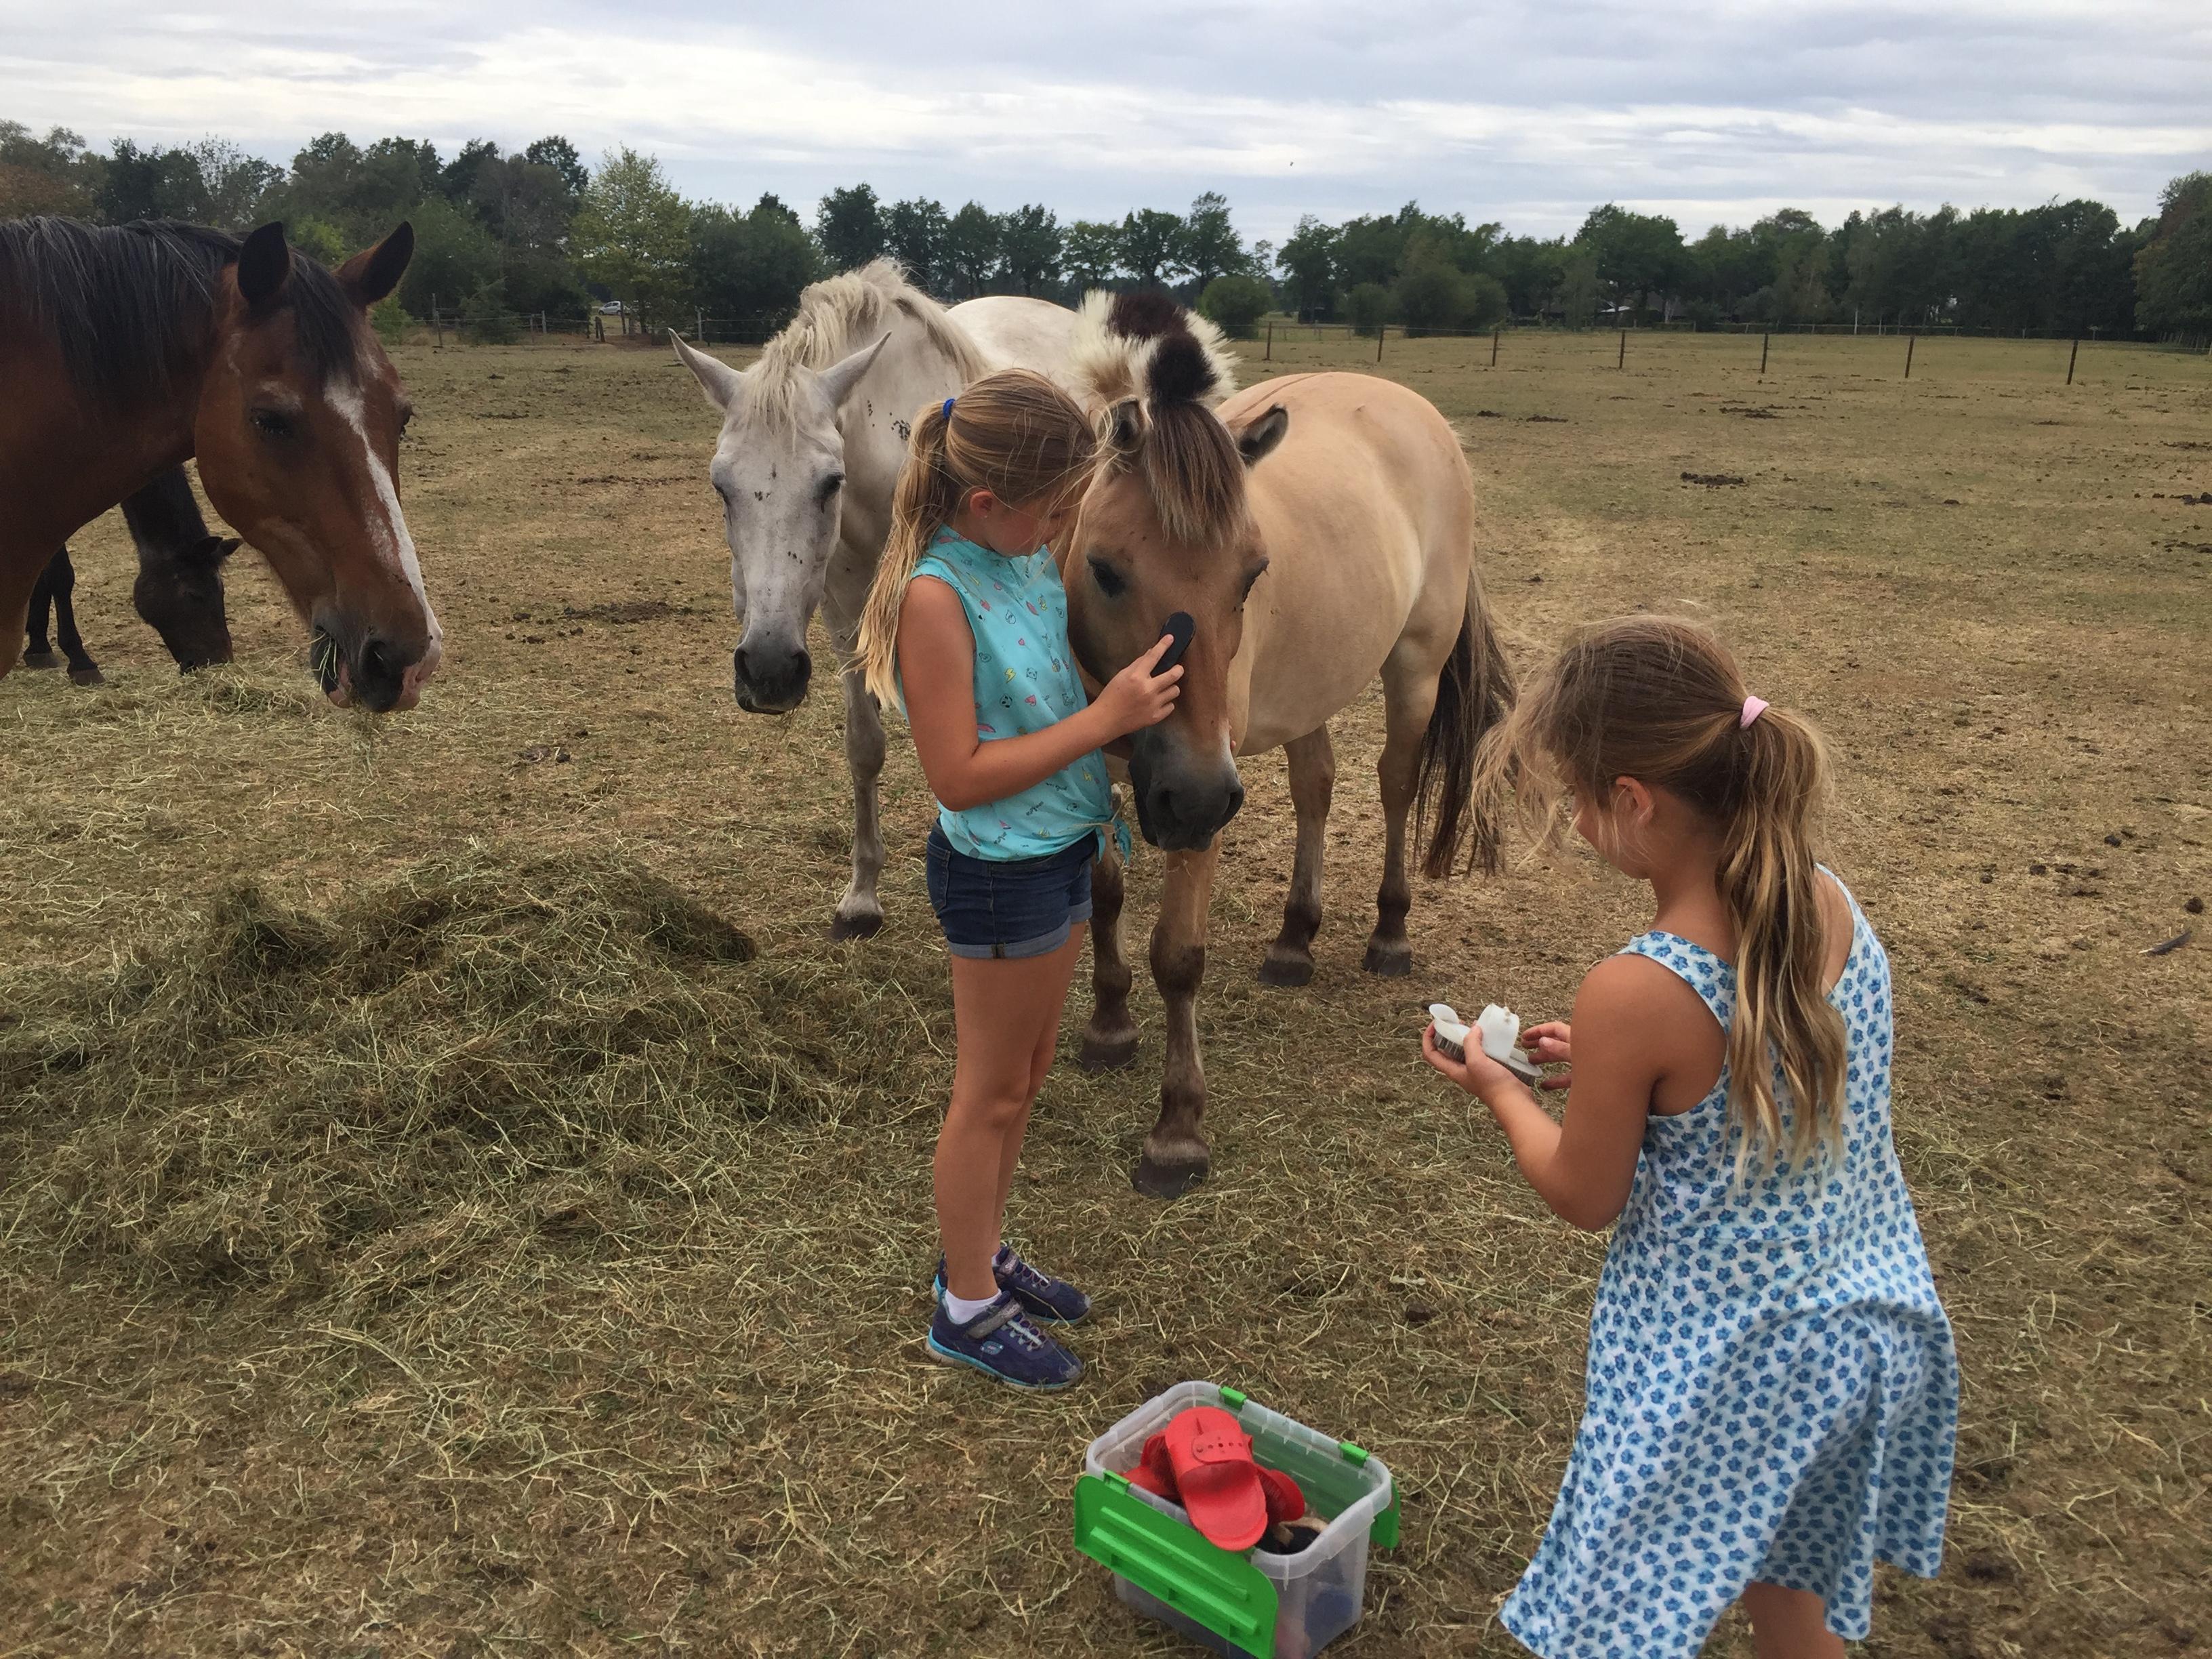 paarden-knuffelen-29-juli-2018-12